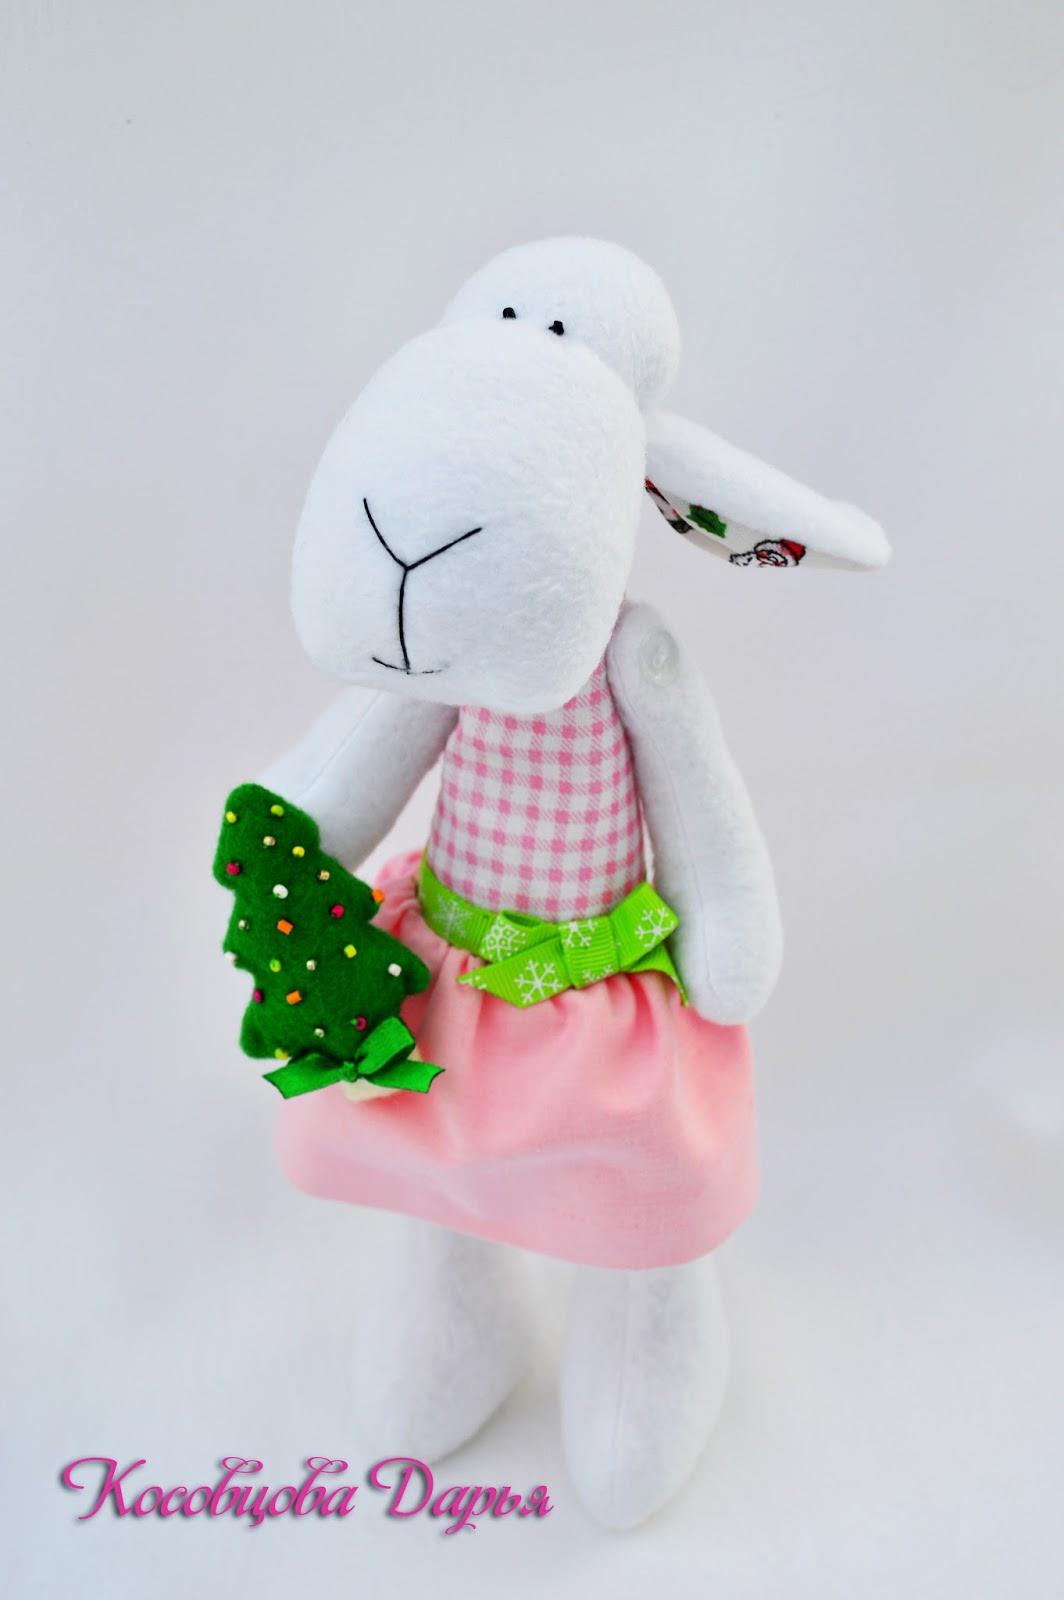 игрушка заяц купить, купить мягкого зайца, купить зайцев тильда, купить игрушку слона, игрушка розовый слон купить, драконы игрушки купить, купить игрушку дракона +в украине, где купить игрушки драконов, дракон мягкая игрушка купить, игрушка овечка купить, мягкая игрушка овечка купить, игрушка овечка купить оптом, мягкая игрушка кот купить, купить игрушку плюшевого кота  интересные мягкие игрушки, новогодние подарки 2015, детские подарки 2015, символ года 2015 подарки подарунок подрузі, подарунок +на день народження, оригінальні подарунки +на день народження , цікаві подарунки, новорічні подарунки